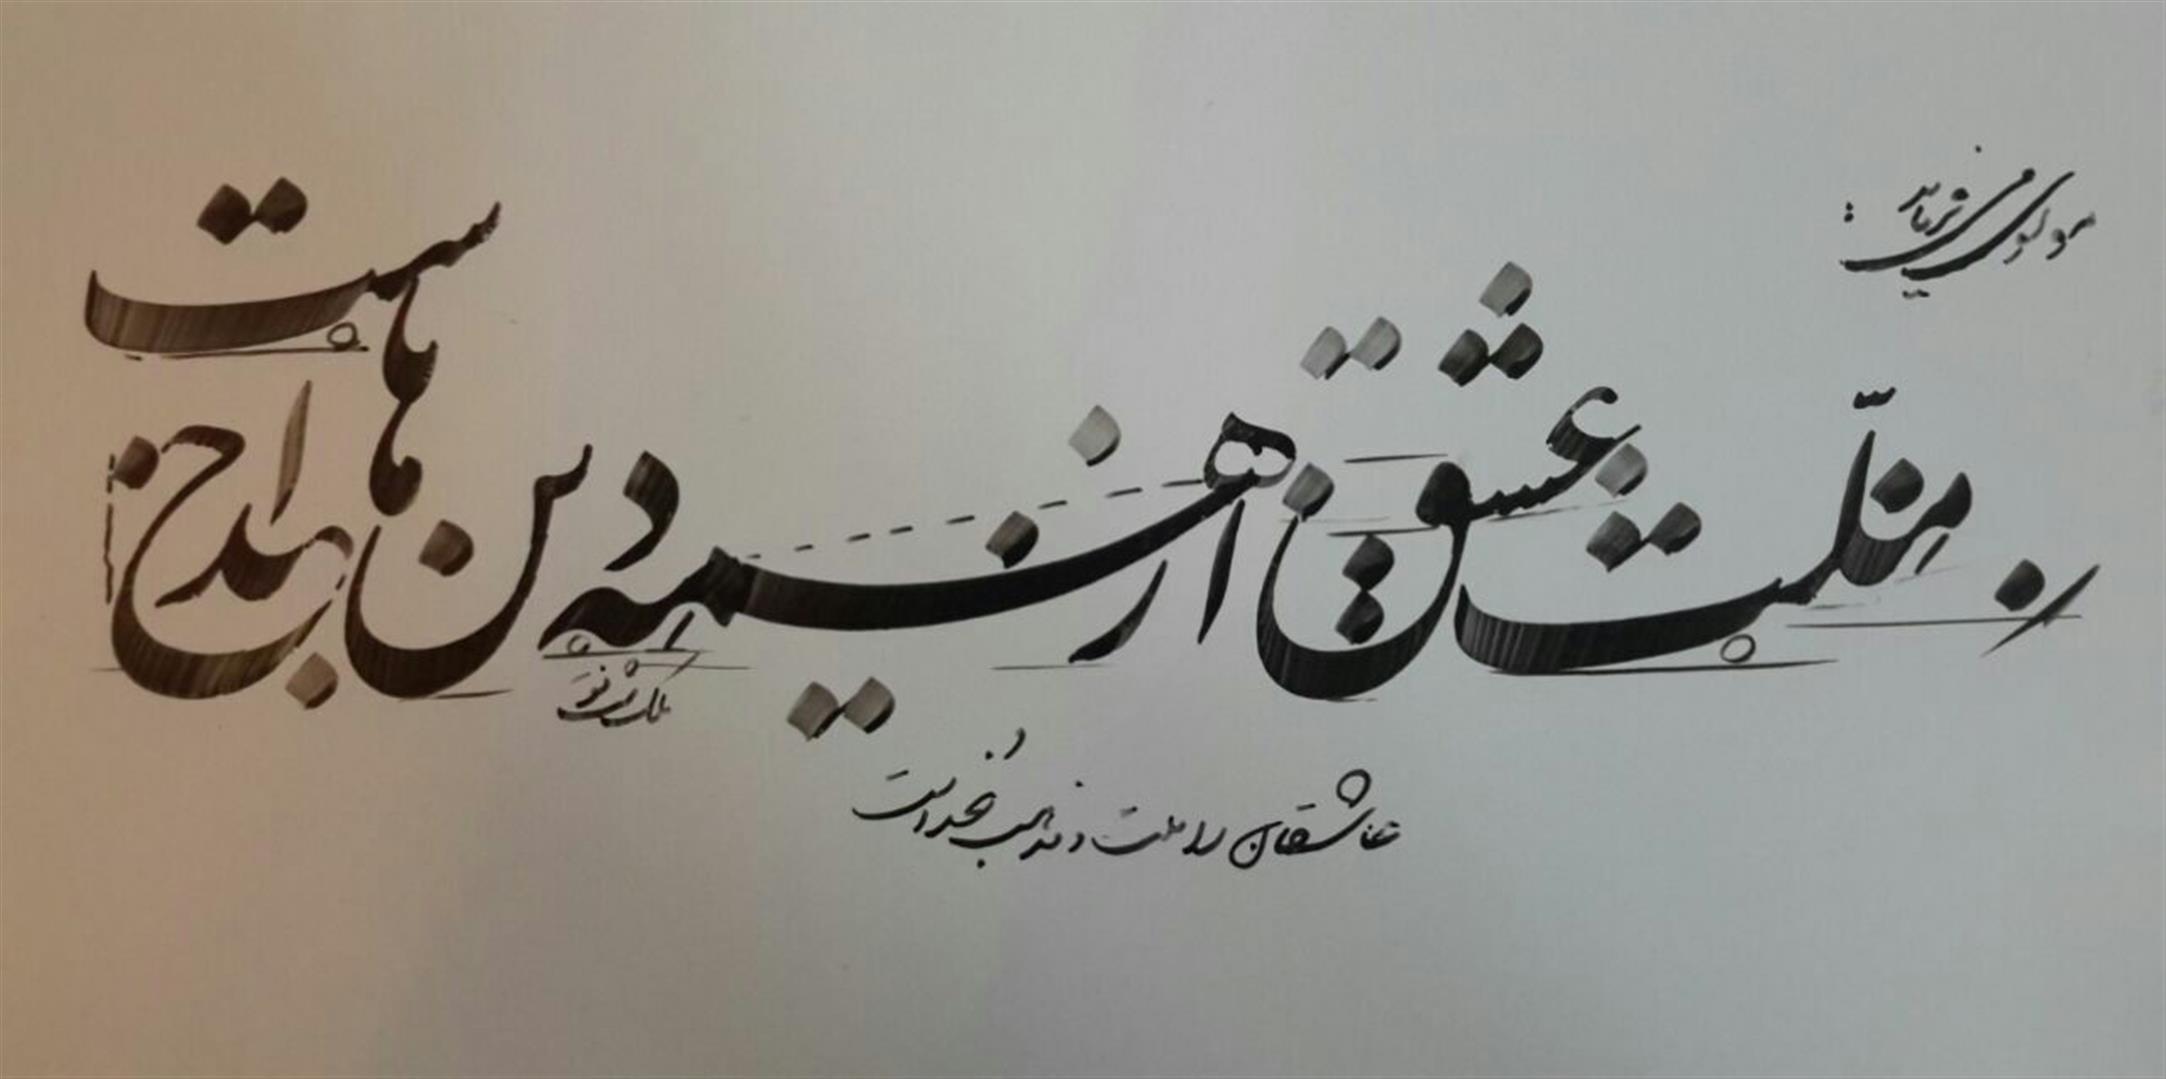 ورود مولانا به وادی شعر و عرفان